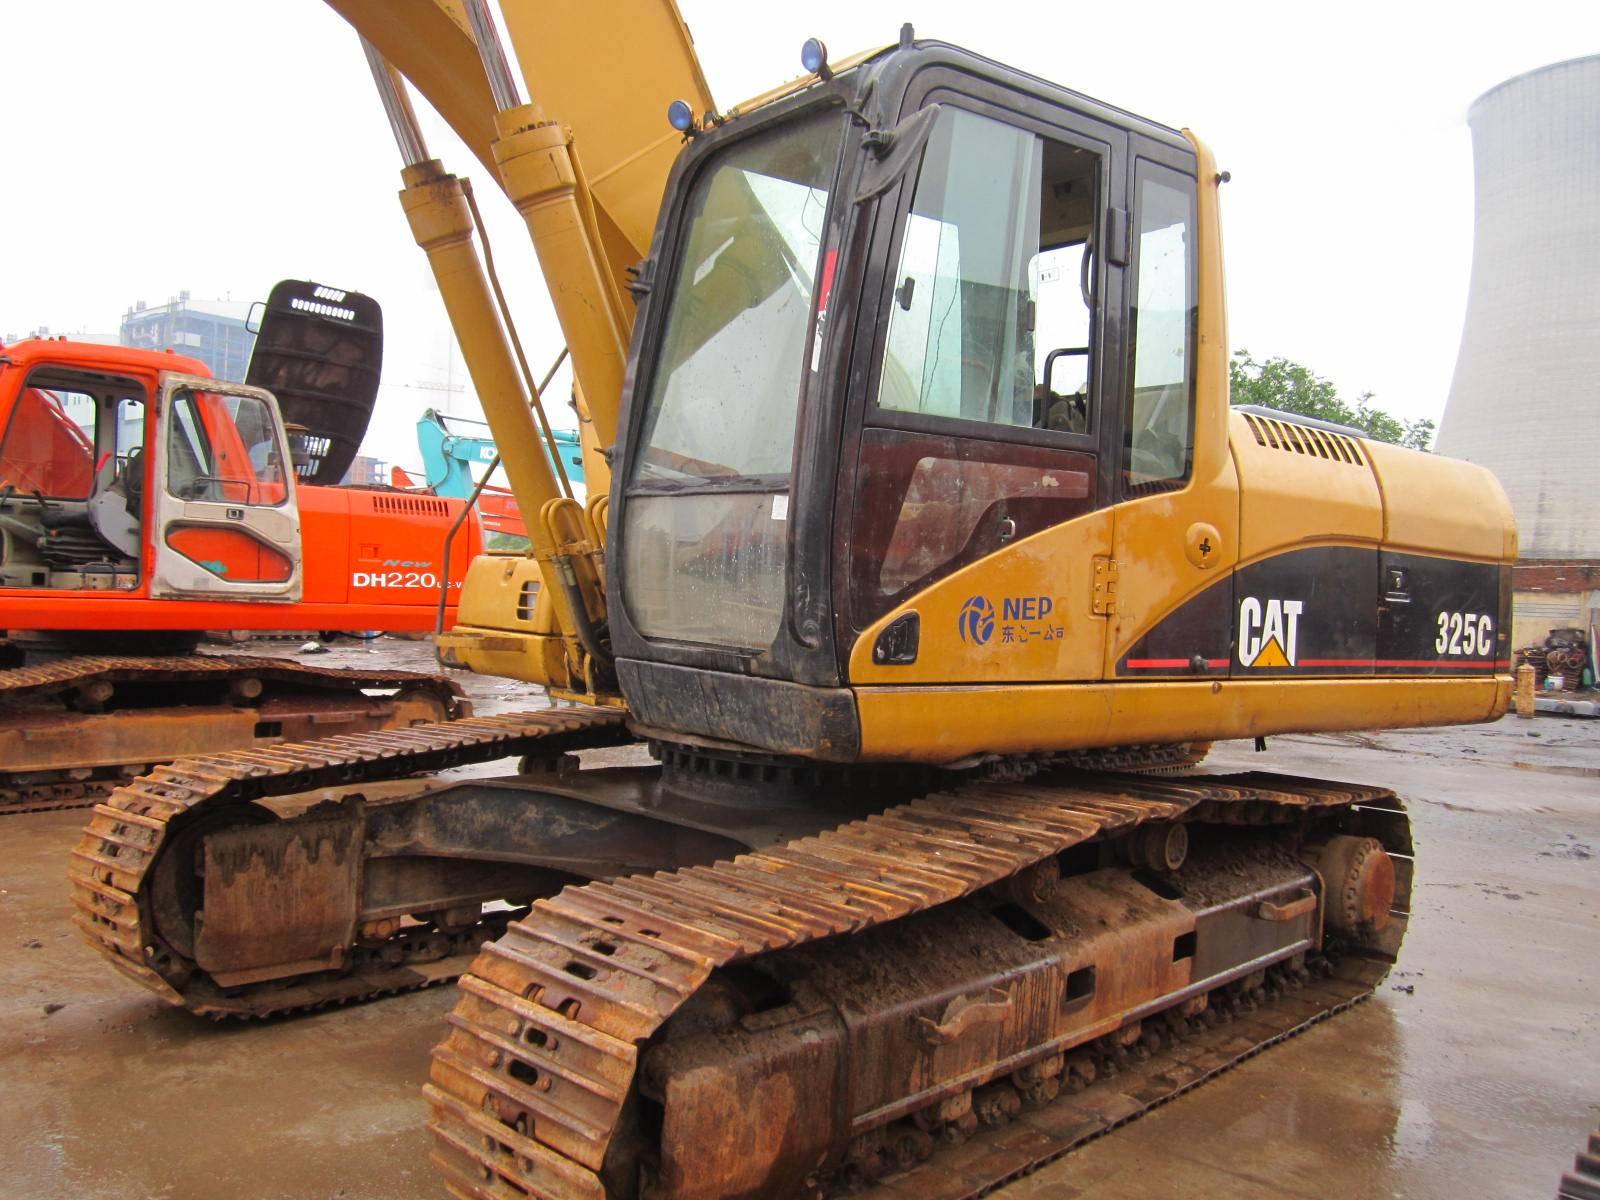 Used Cat 325C Excavator, Used Caterpillar Excavator 325C for Sale